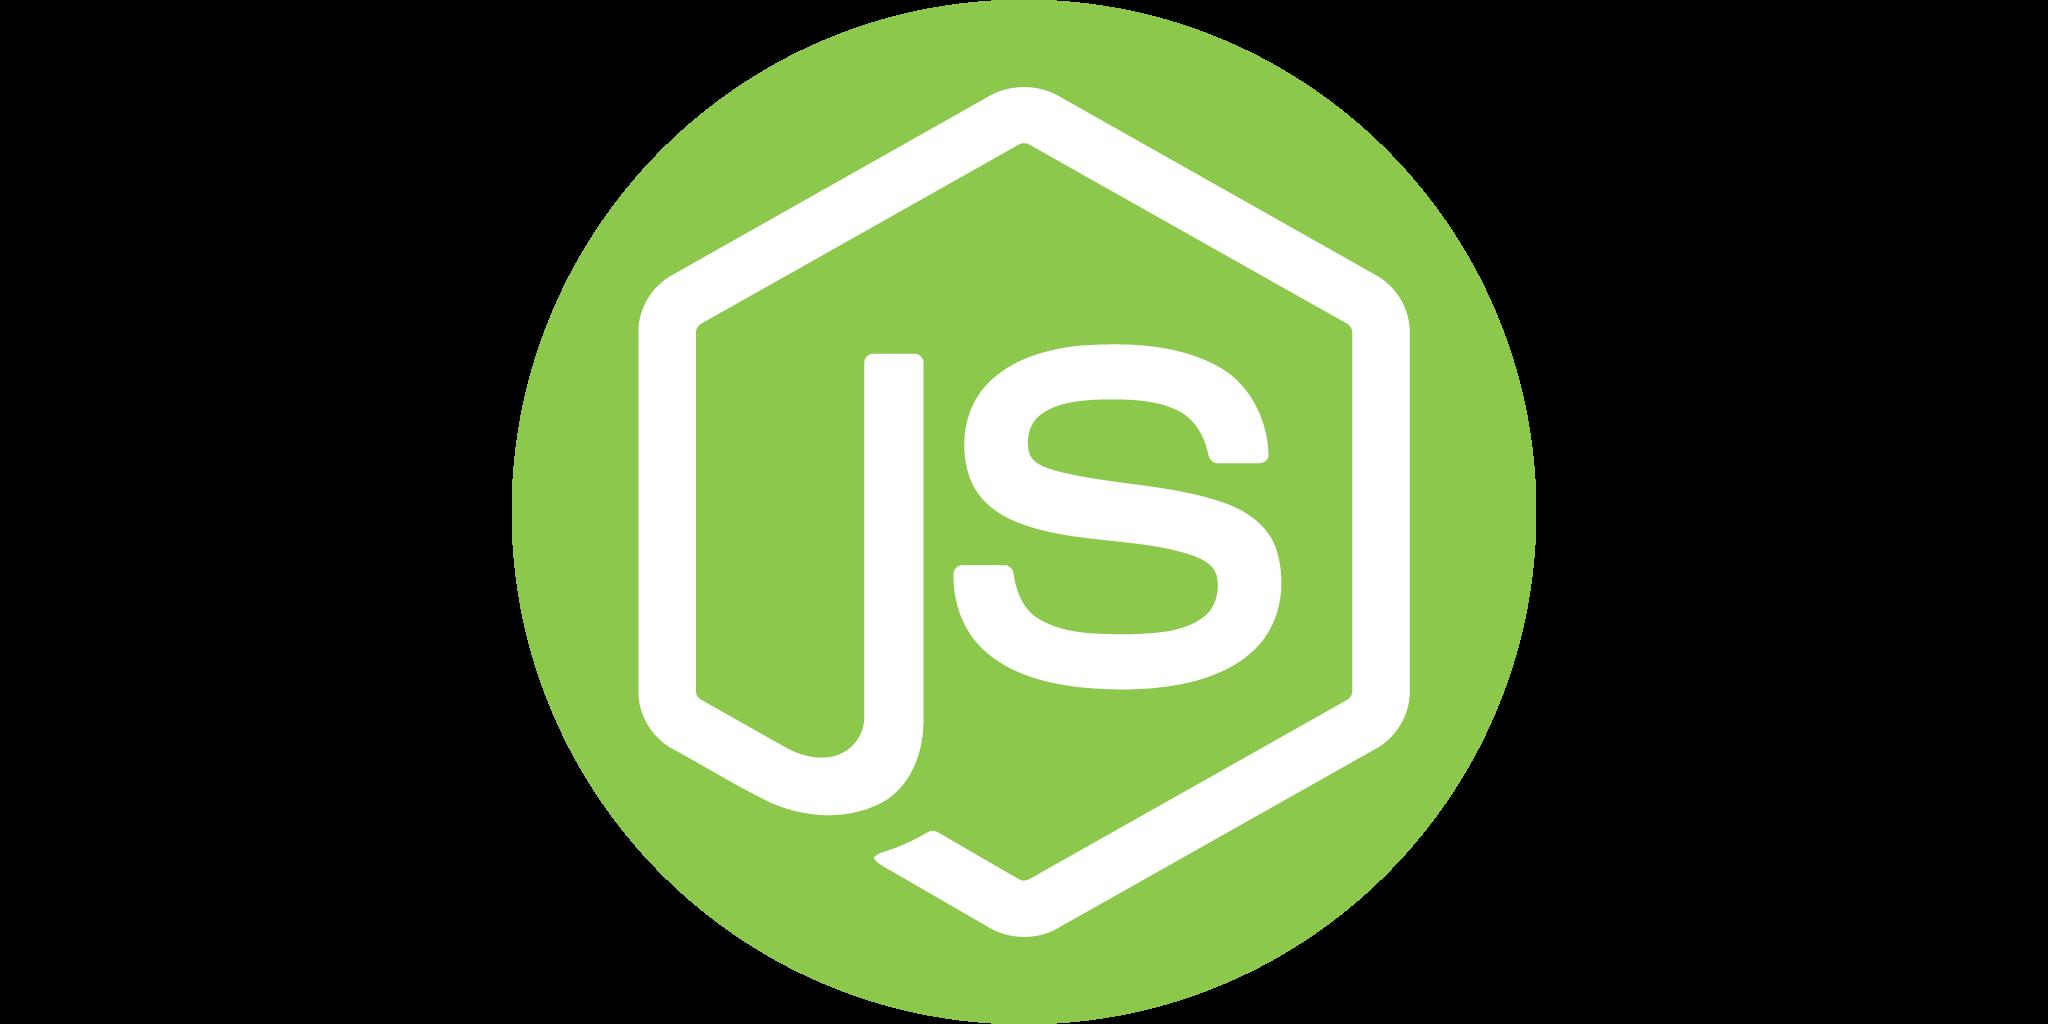 تعلم Node.js مجانا من مايكروسوفت لإنشاء تطبيقات الويب   التعلم الحر -  EDLibre